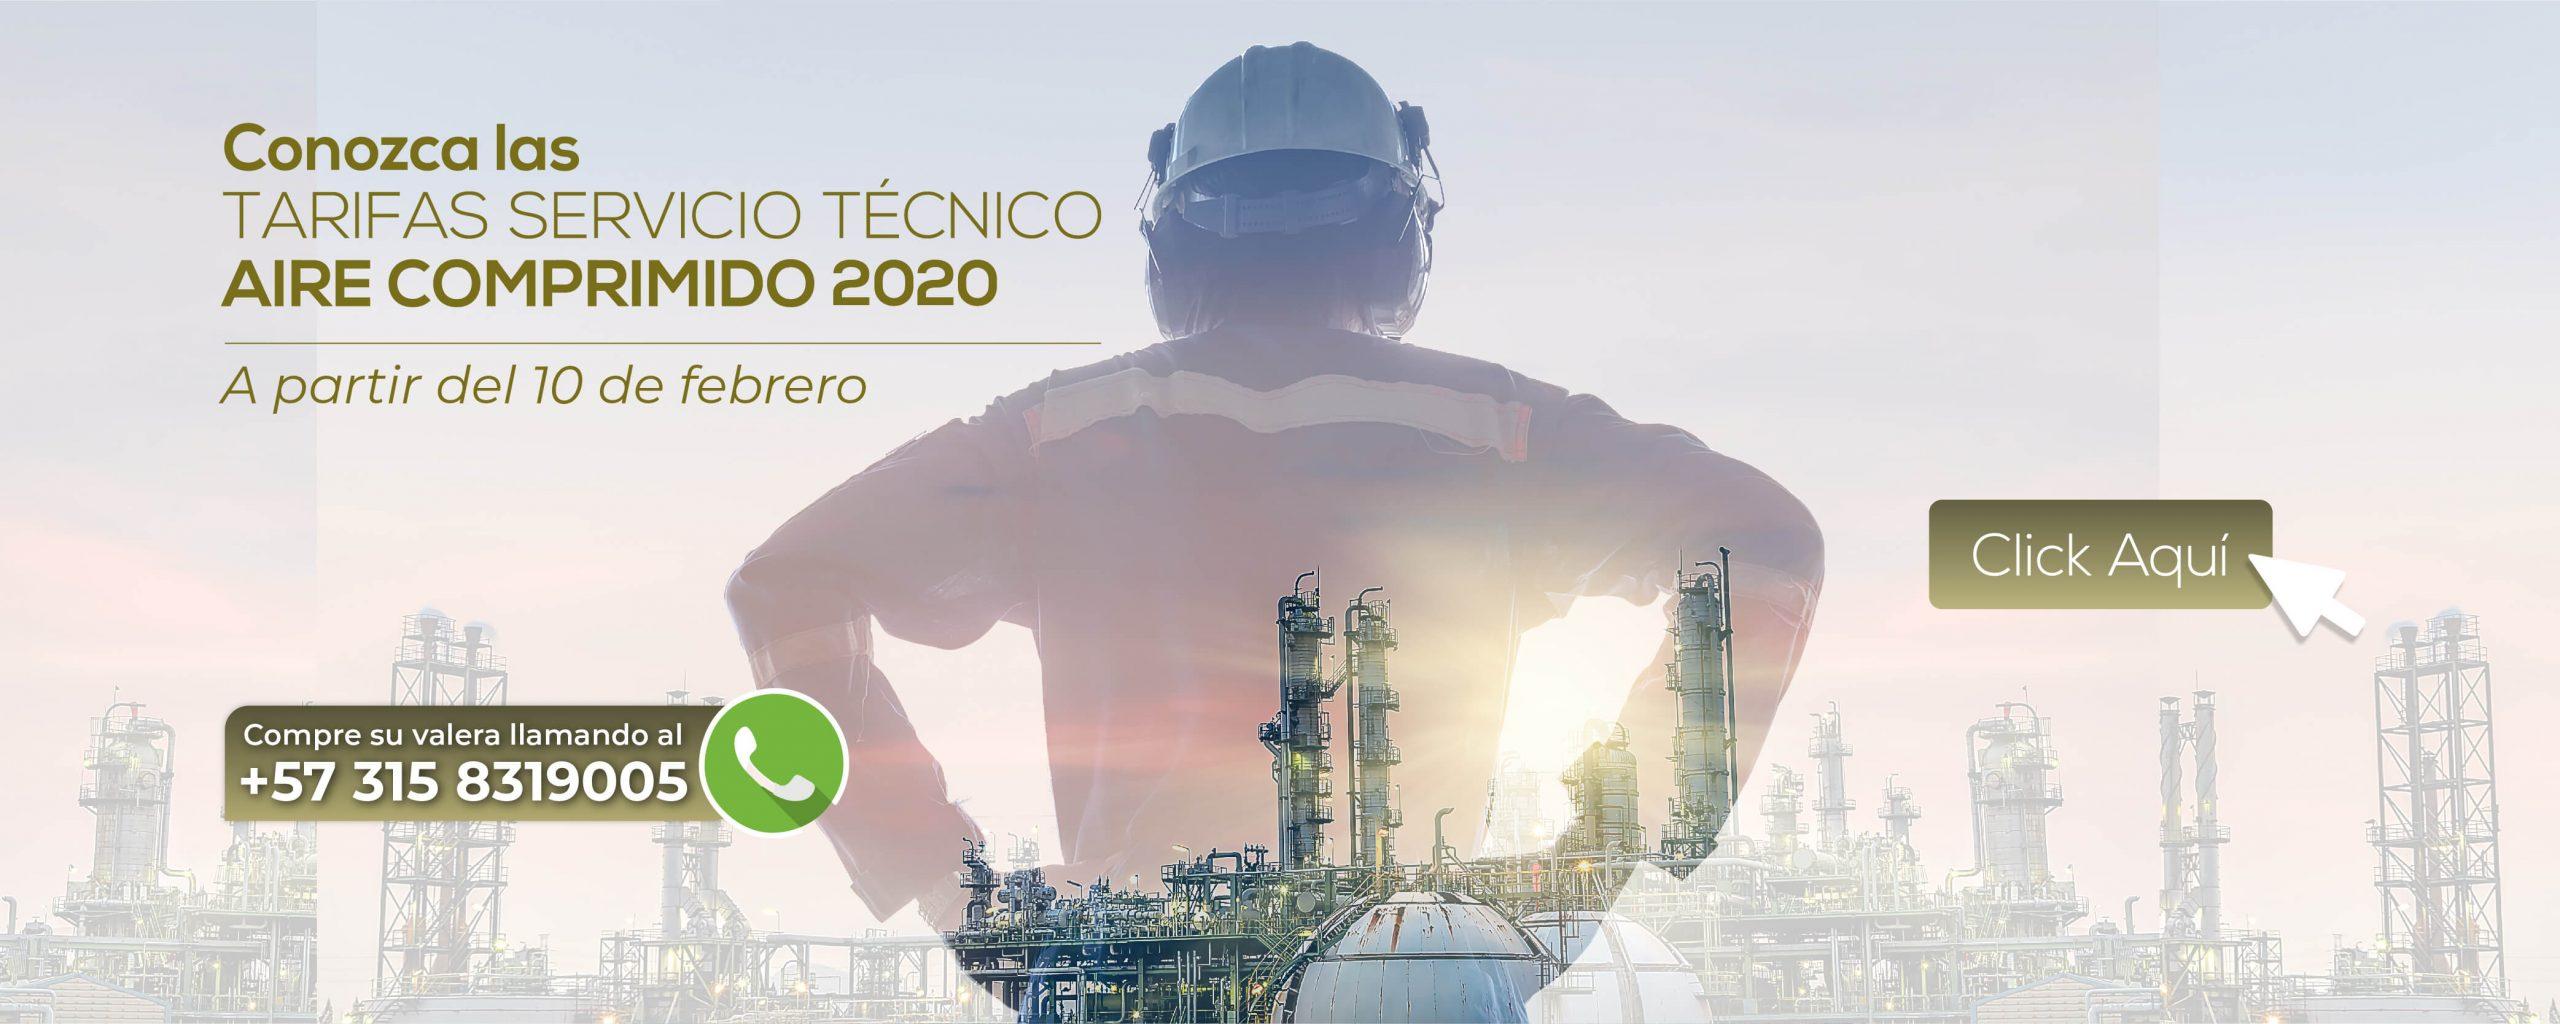 tarifas servicio tecnico aire comprimido 2020